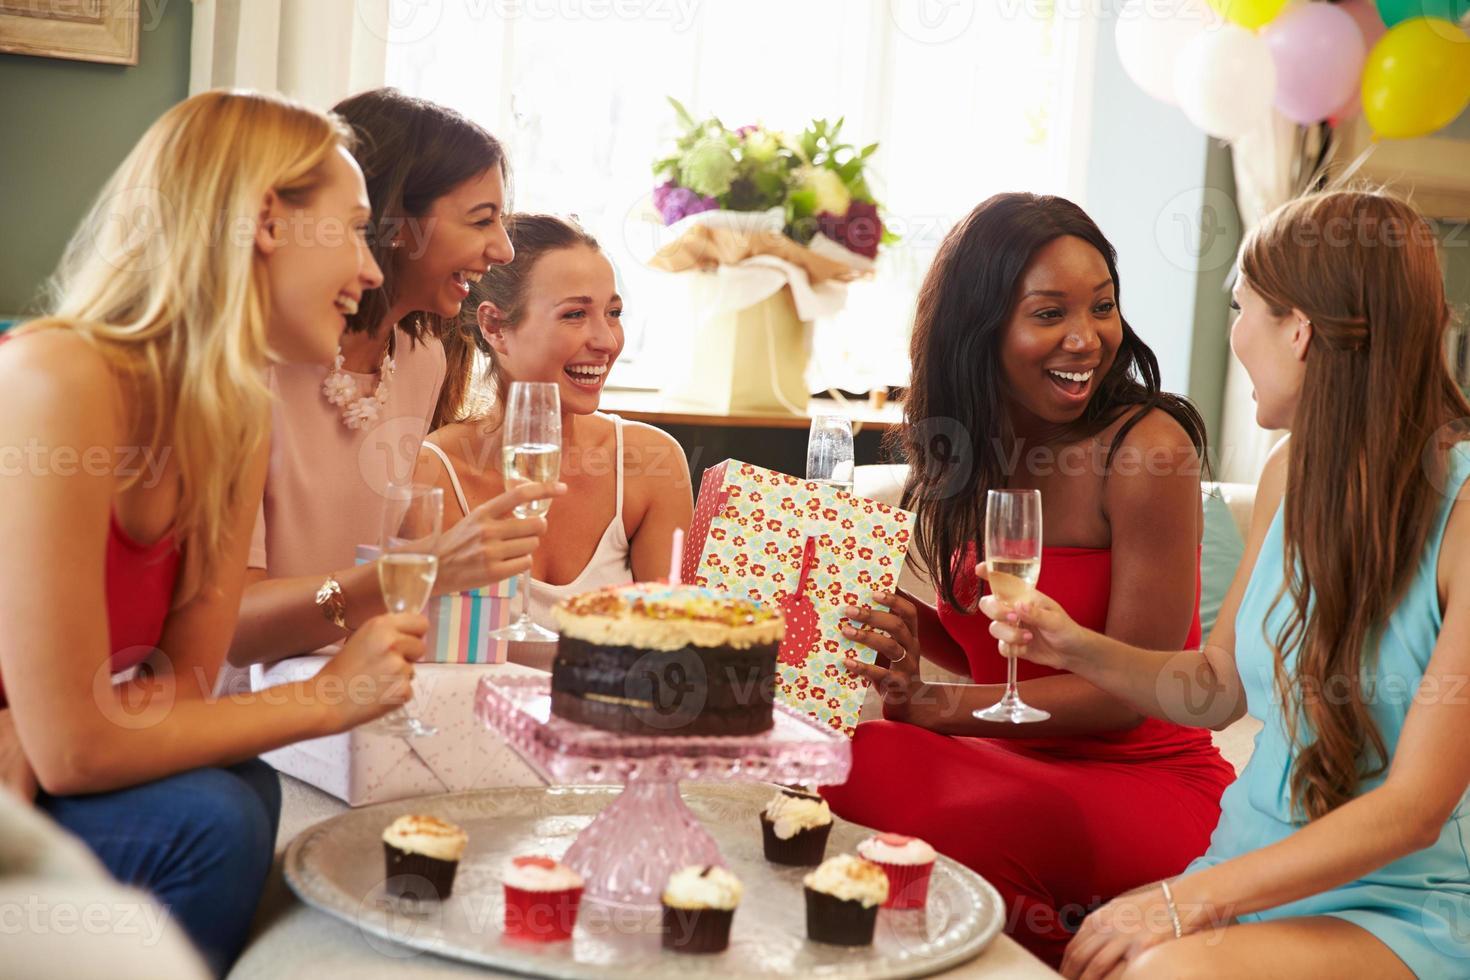 groupe d'amis de sexe féminin fête son anniversaire à la maison photo